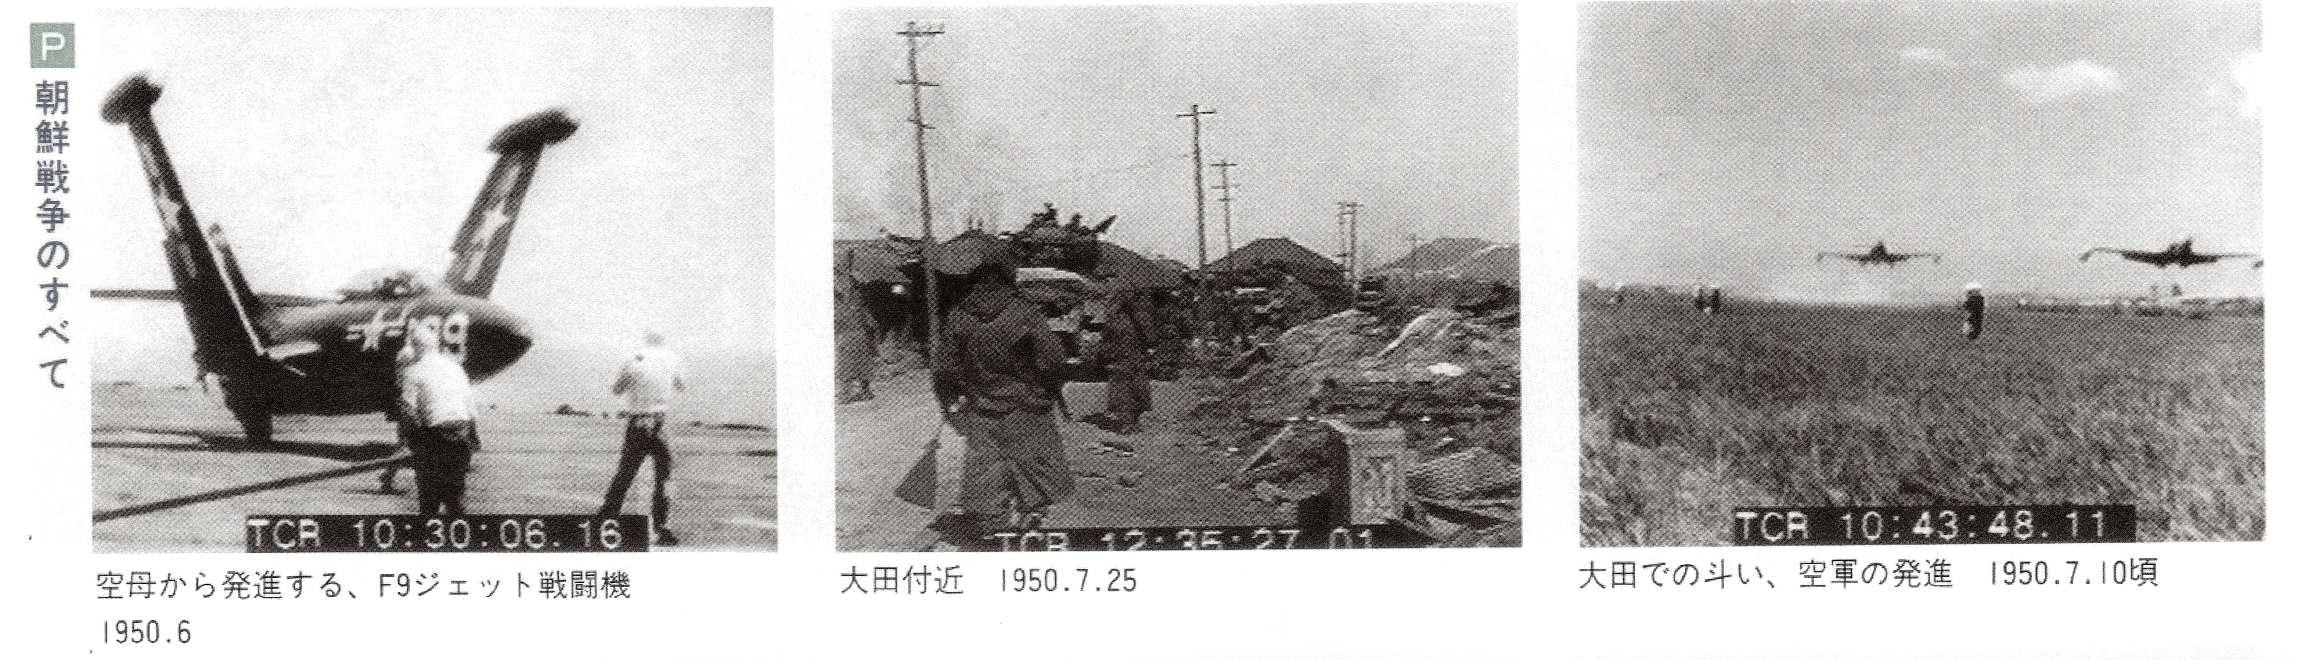 朝鮮戦争_InPixio